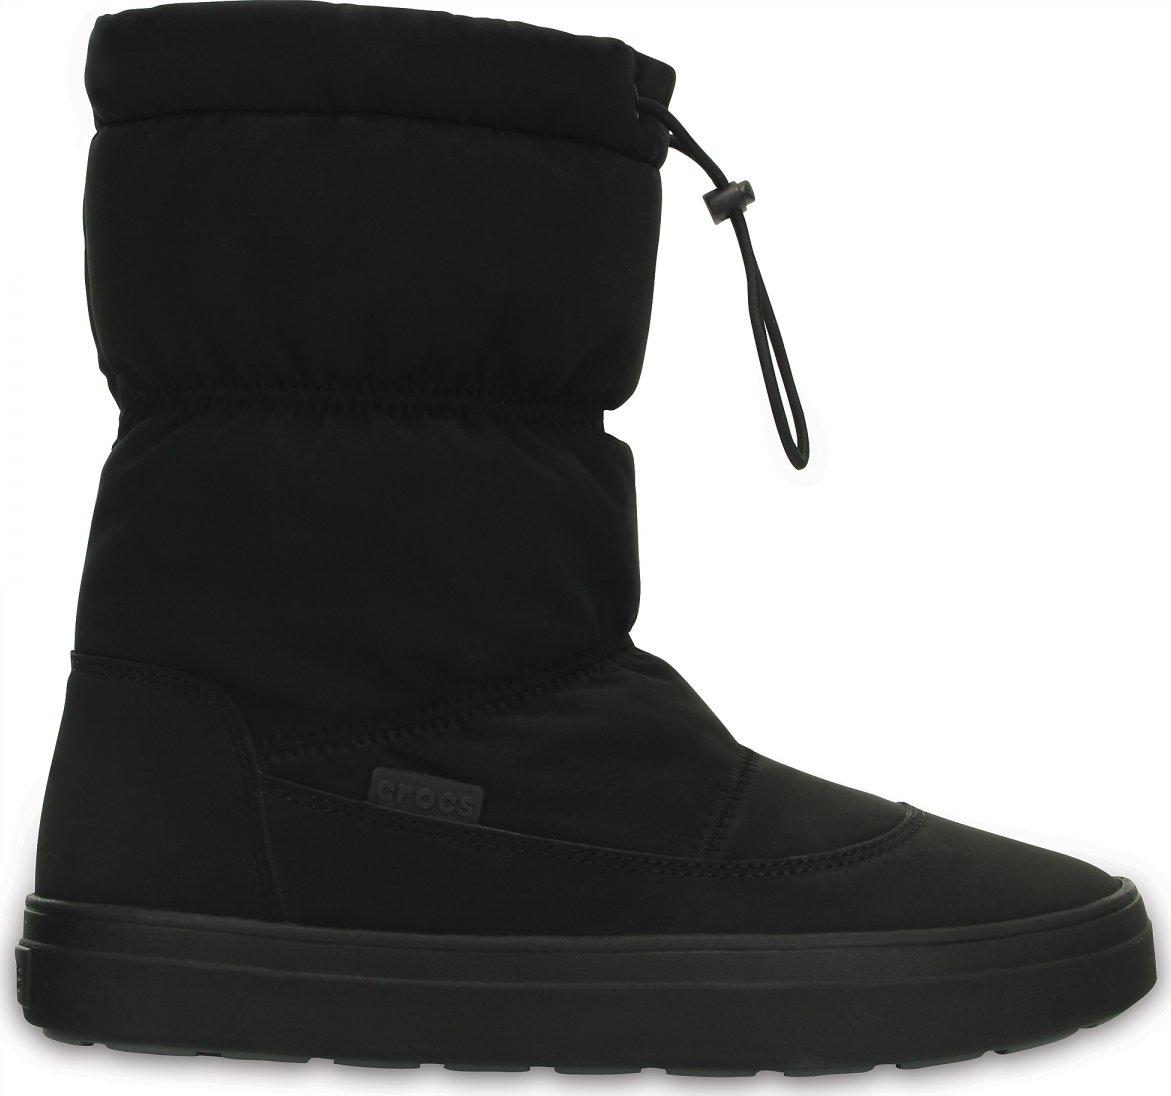 Crocs LodgePoint Pull-On Boot Black od 2 199 Kč • Zboží.cz a29a3feb1d